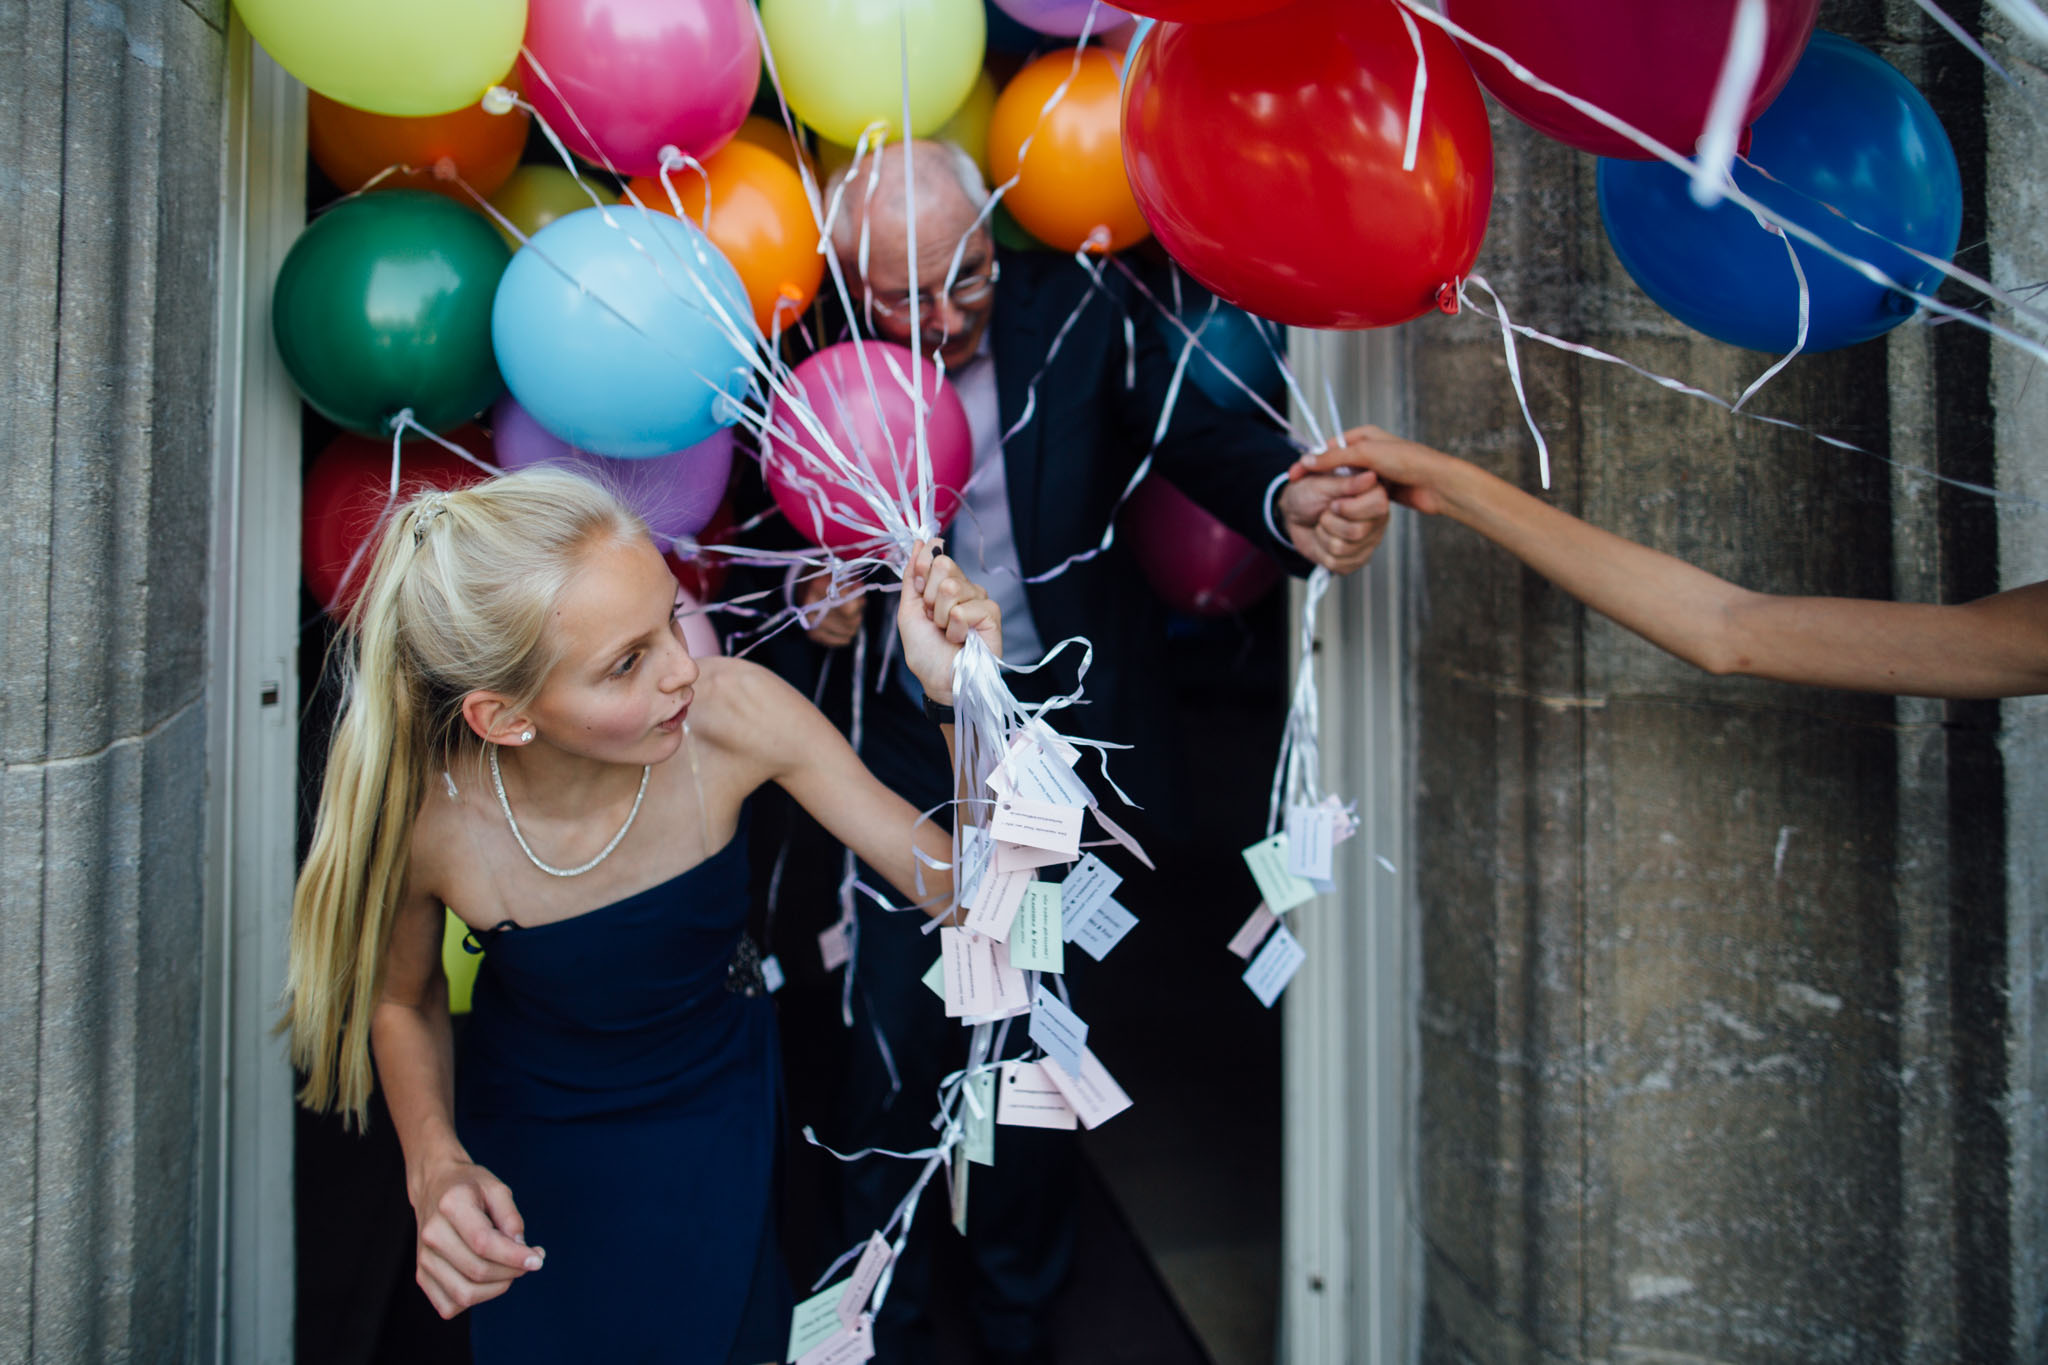 hochzeit-luftballons-bunt-feiern-reportage-fotograf